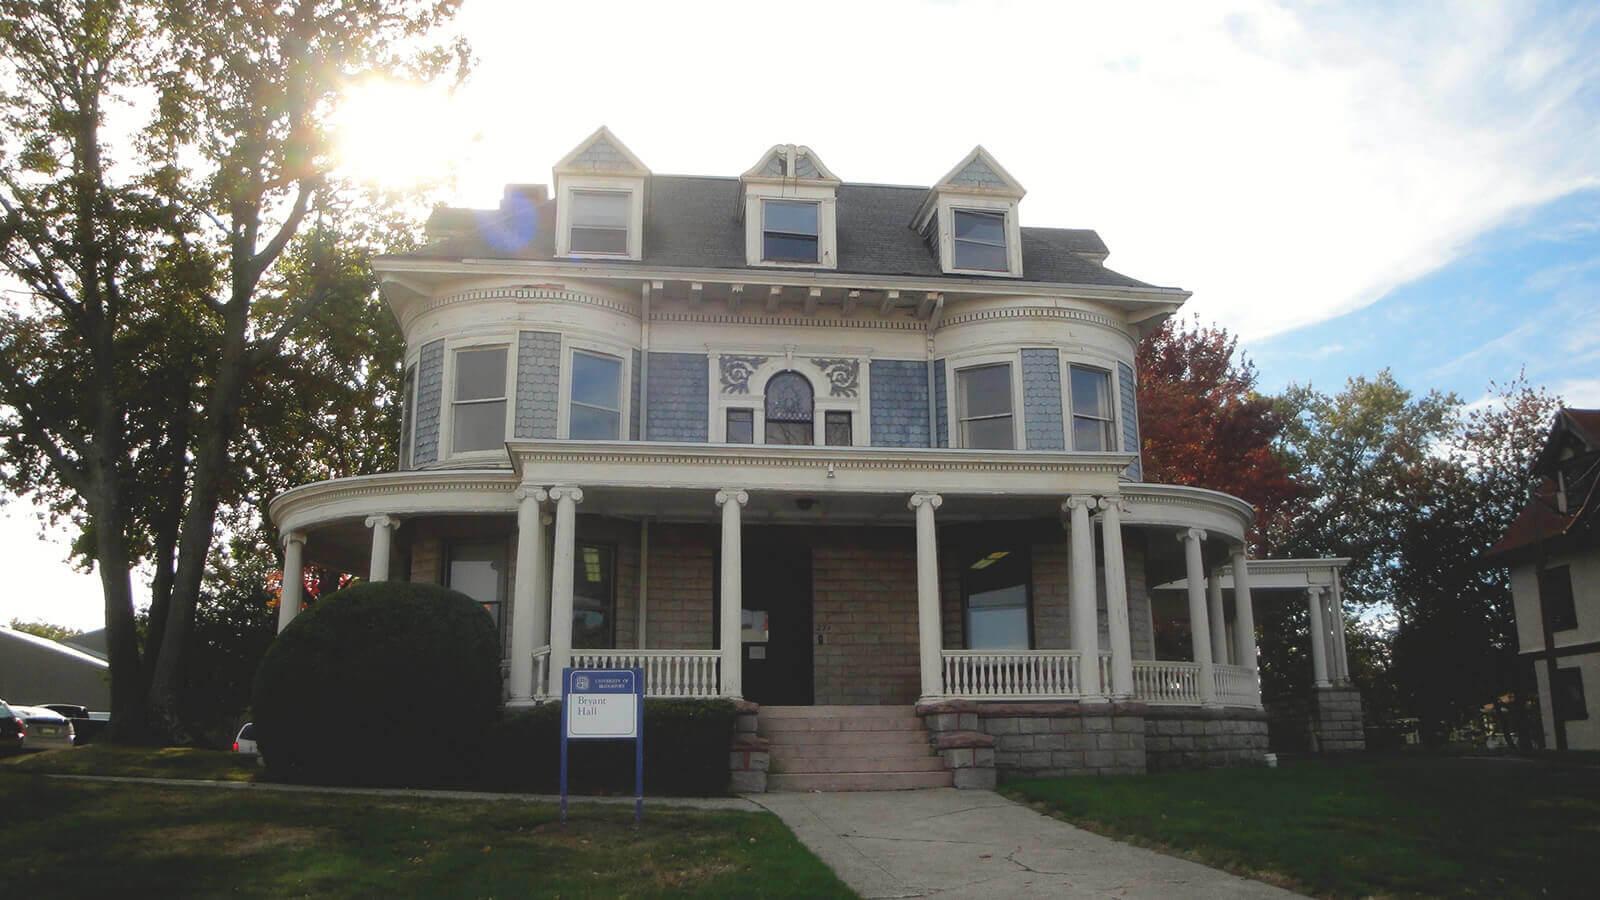 University Of Bridgeport Tuition >> University of Bridgeport | Cappex